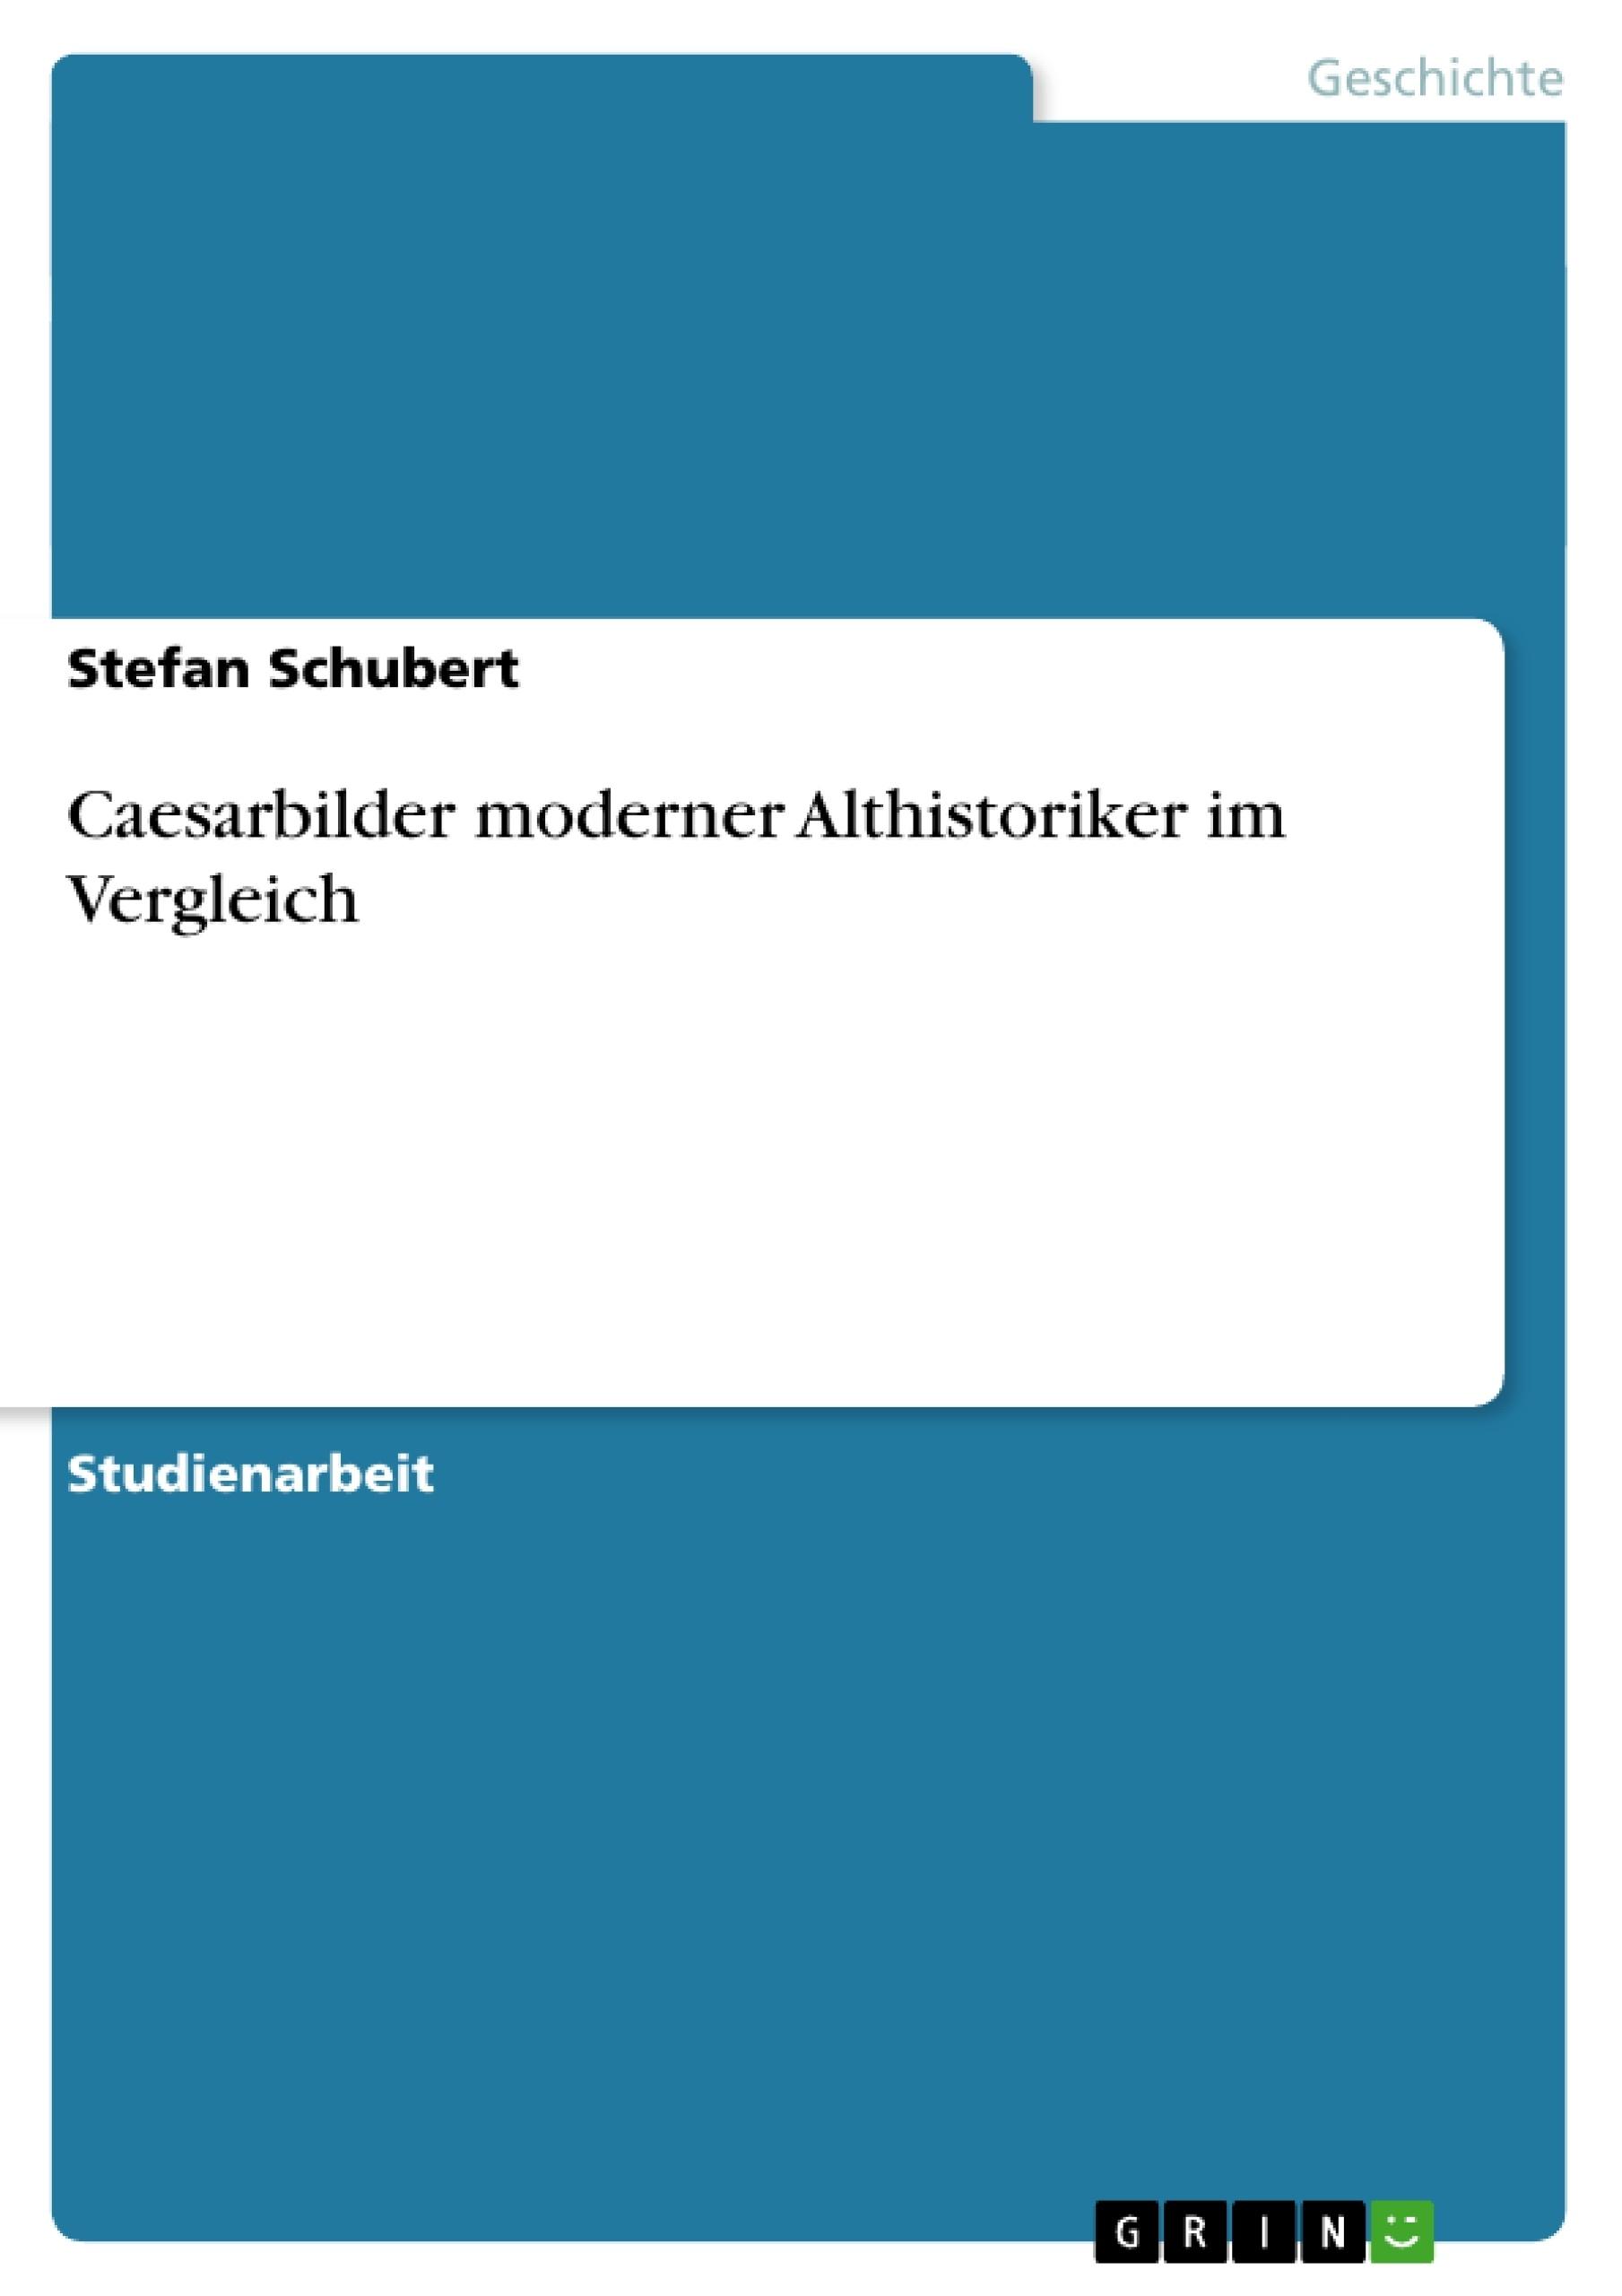 Titel: Caesarbilder moderner Althistoriker im Vergleich